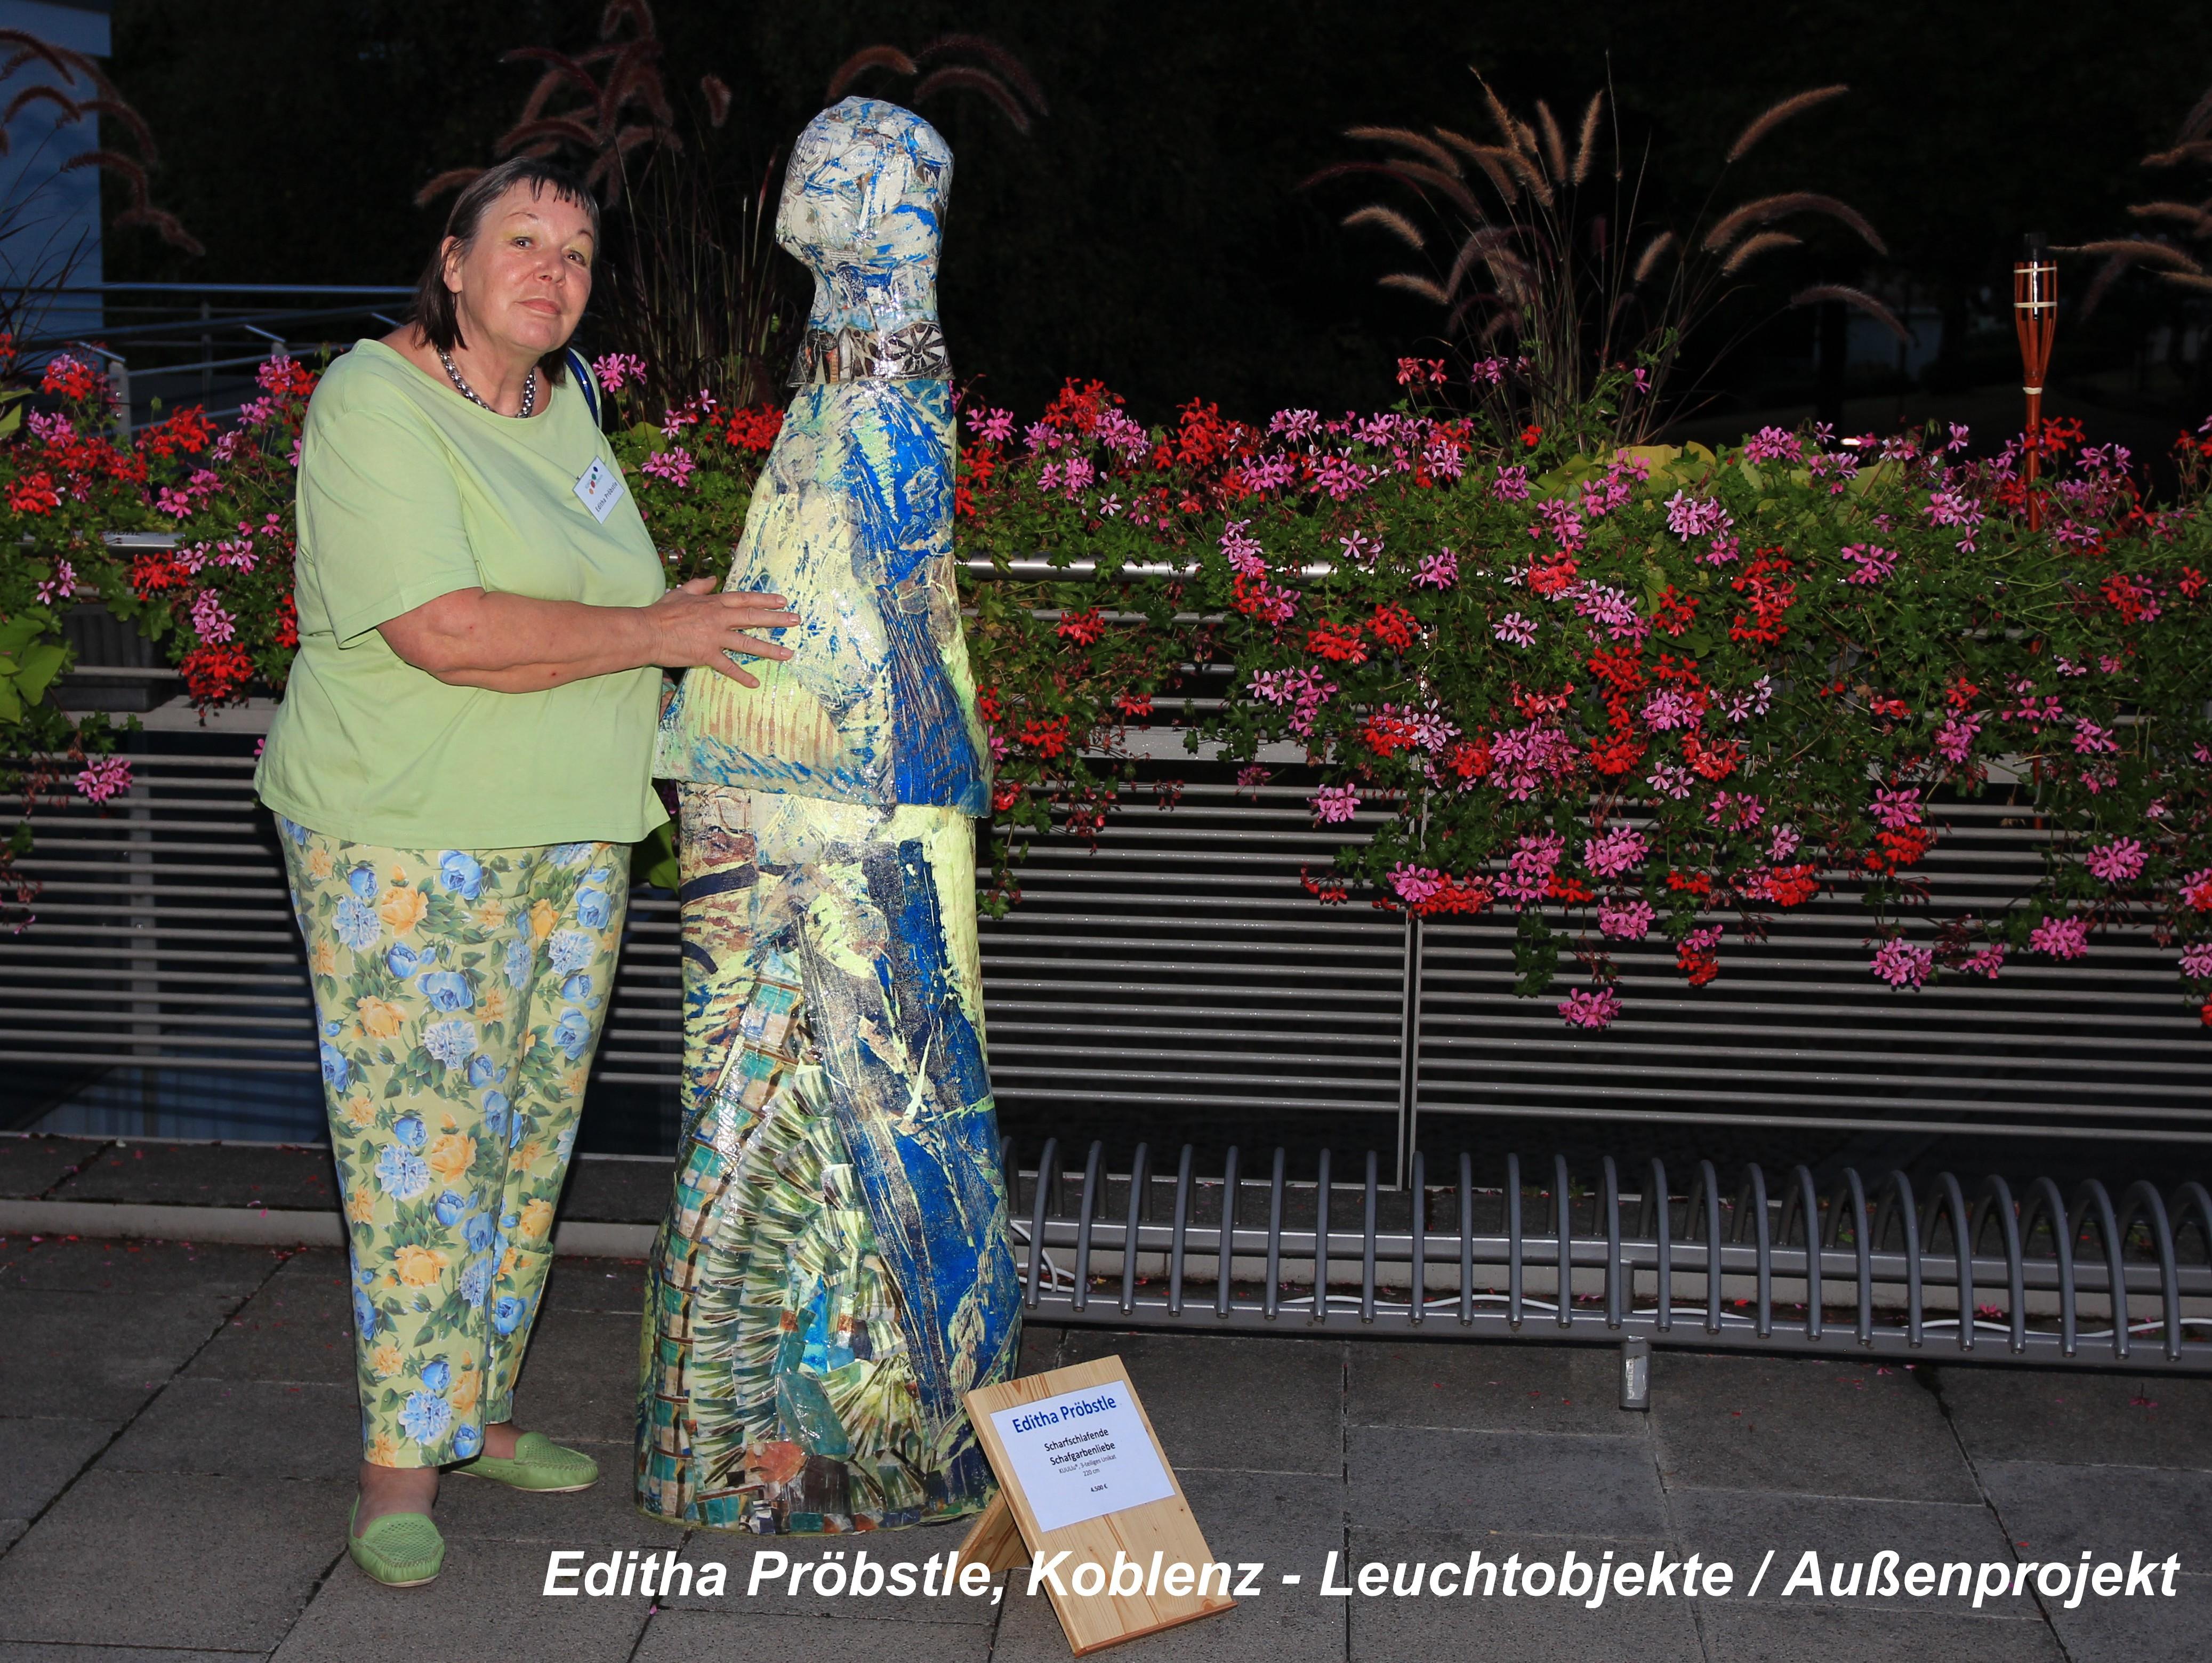 Editha Pröbstle, Koblenz - Leuchtobjekte / Außenprojekt